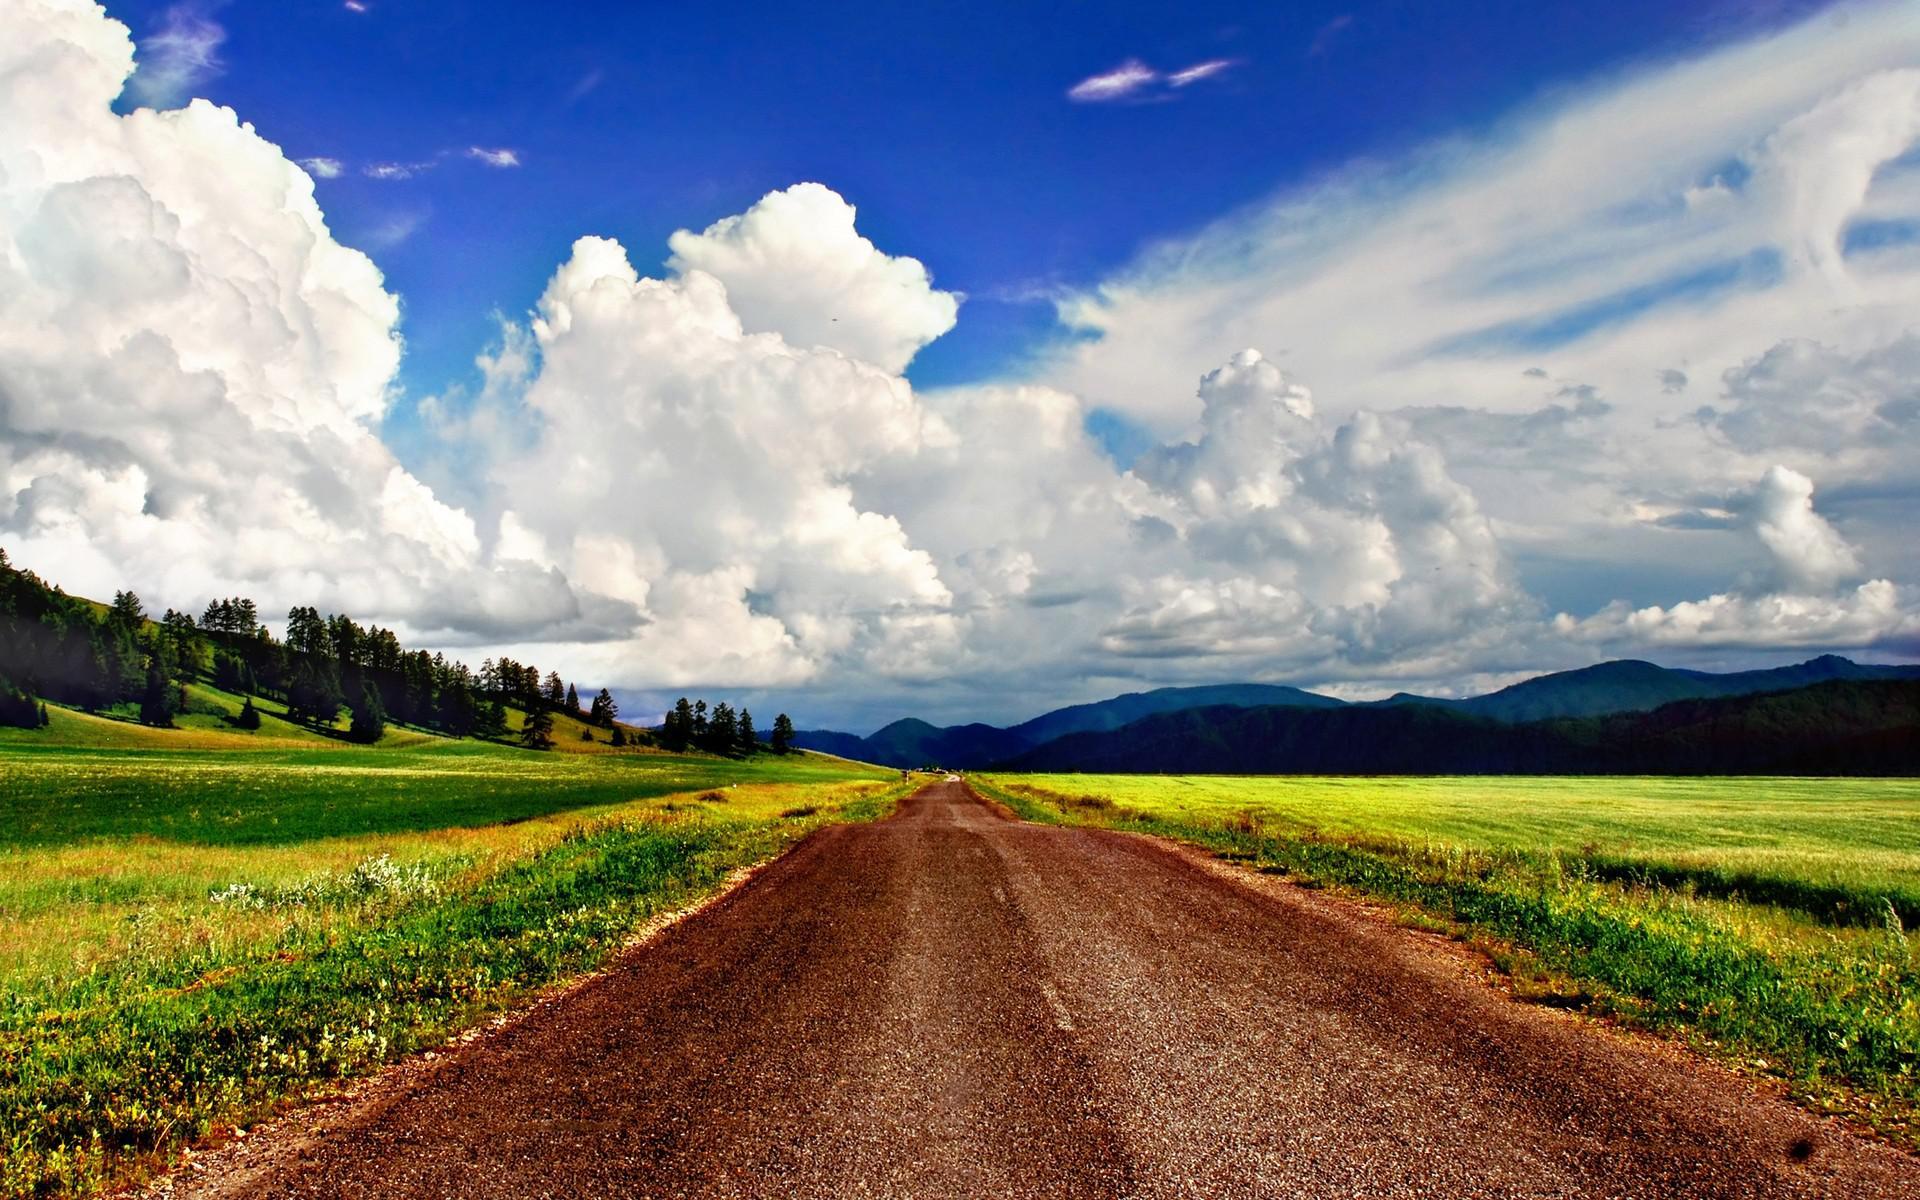 Beautiful sky over dirt road HQ WALLPAPER - (#109592)